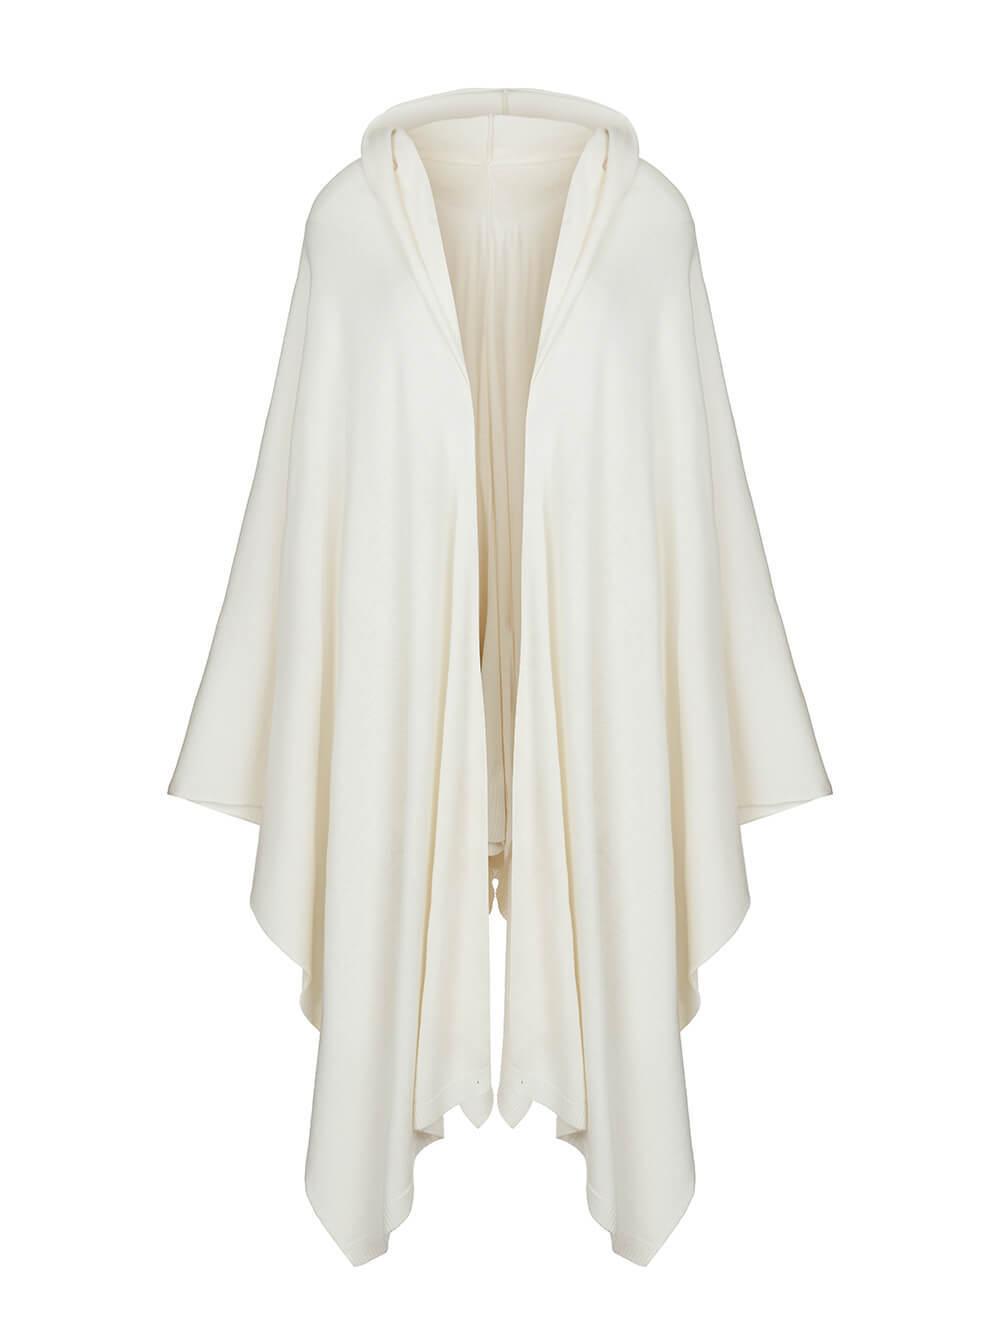 Женский шарф молочного цвета из 100% шерсти - фото 1